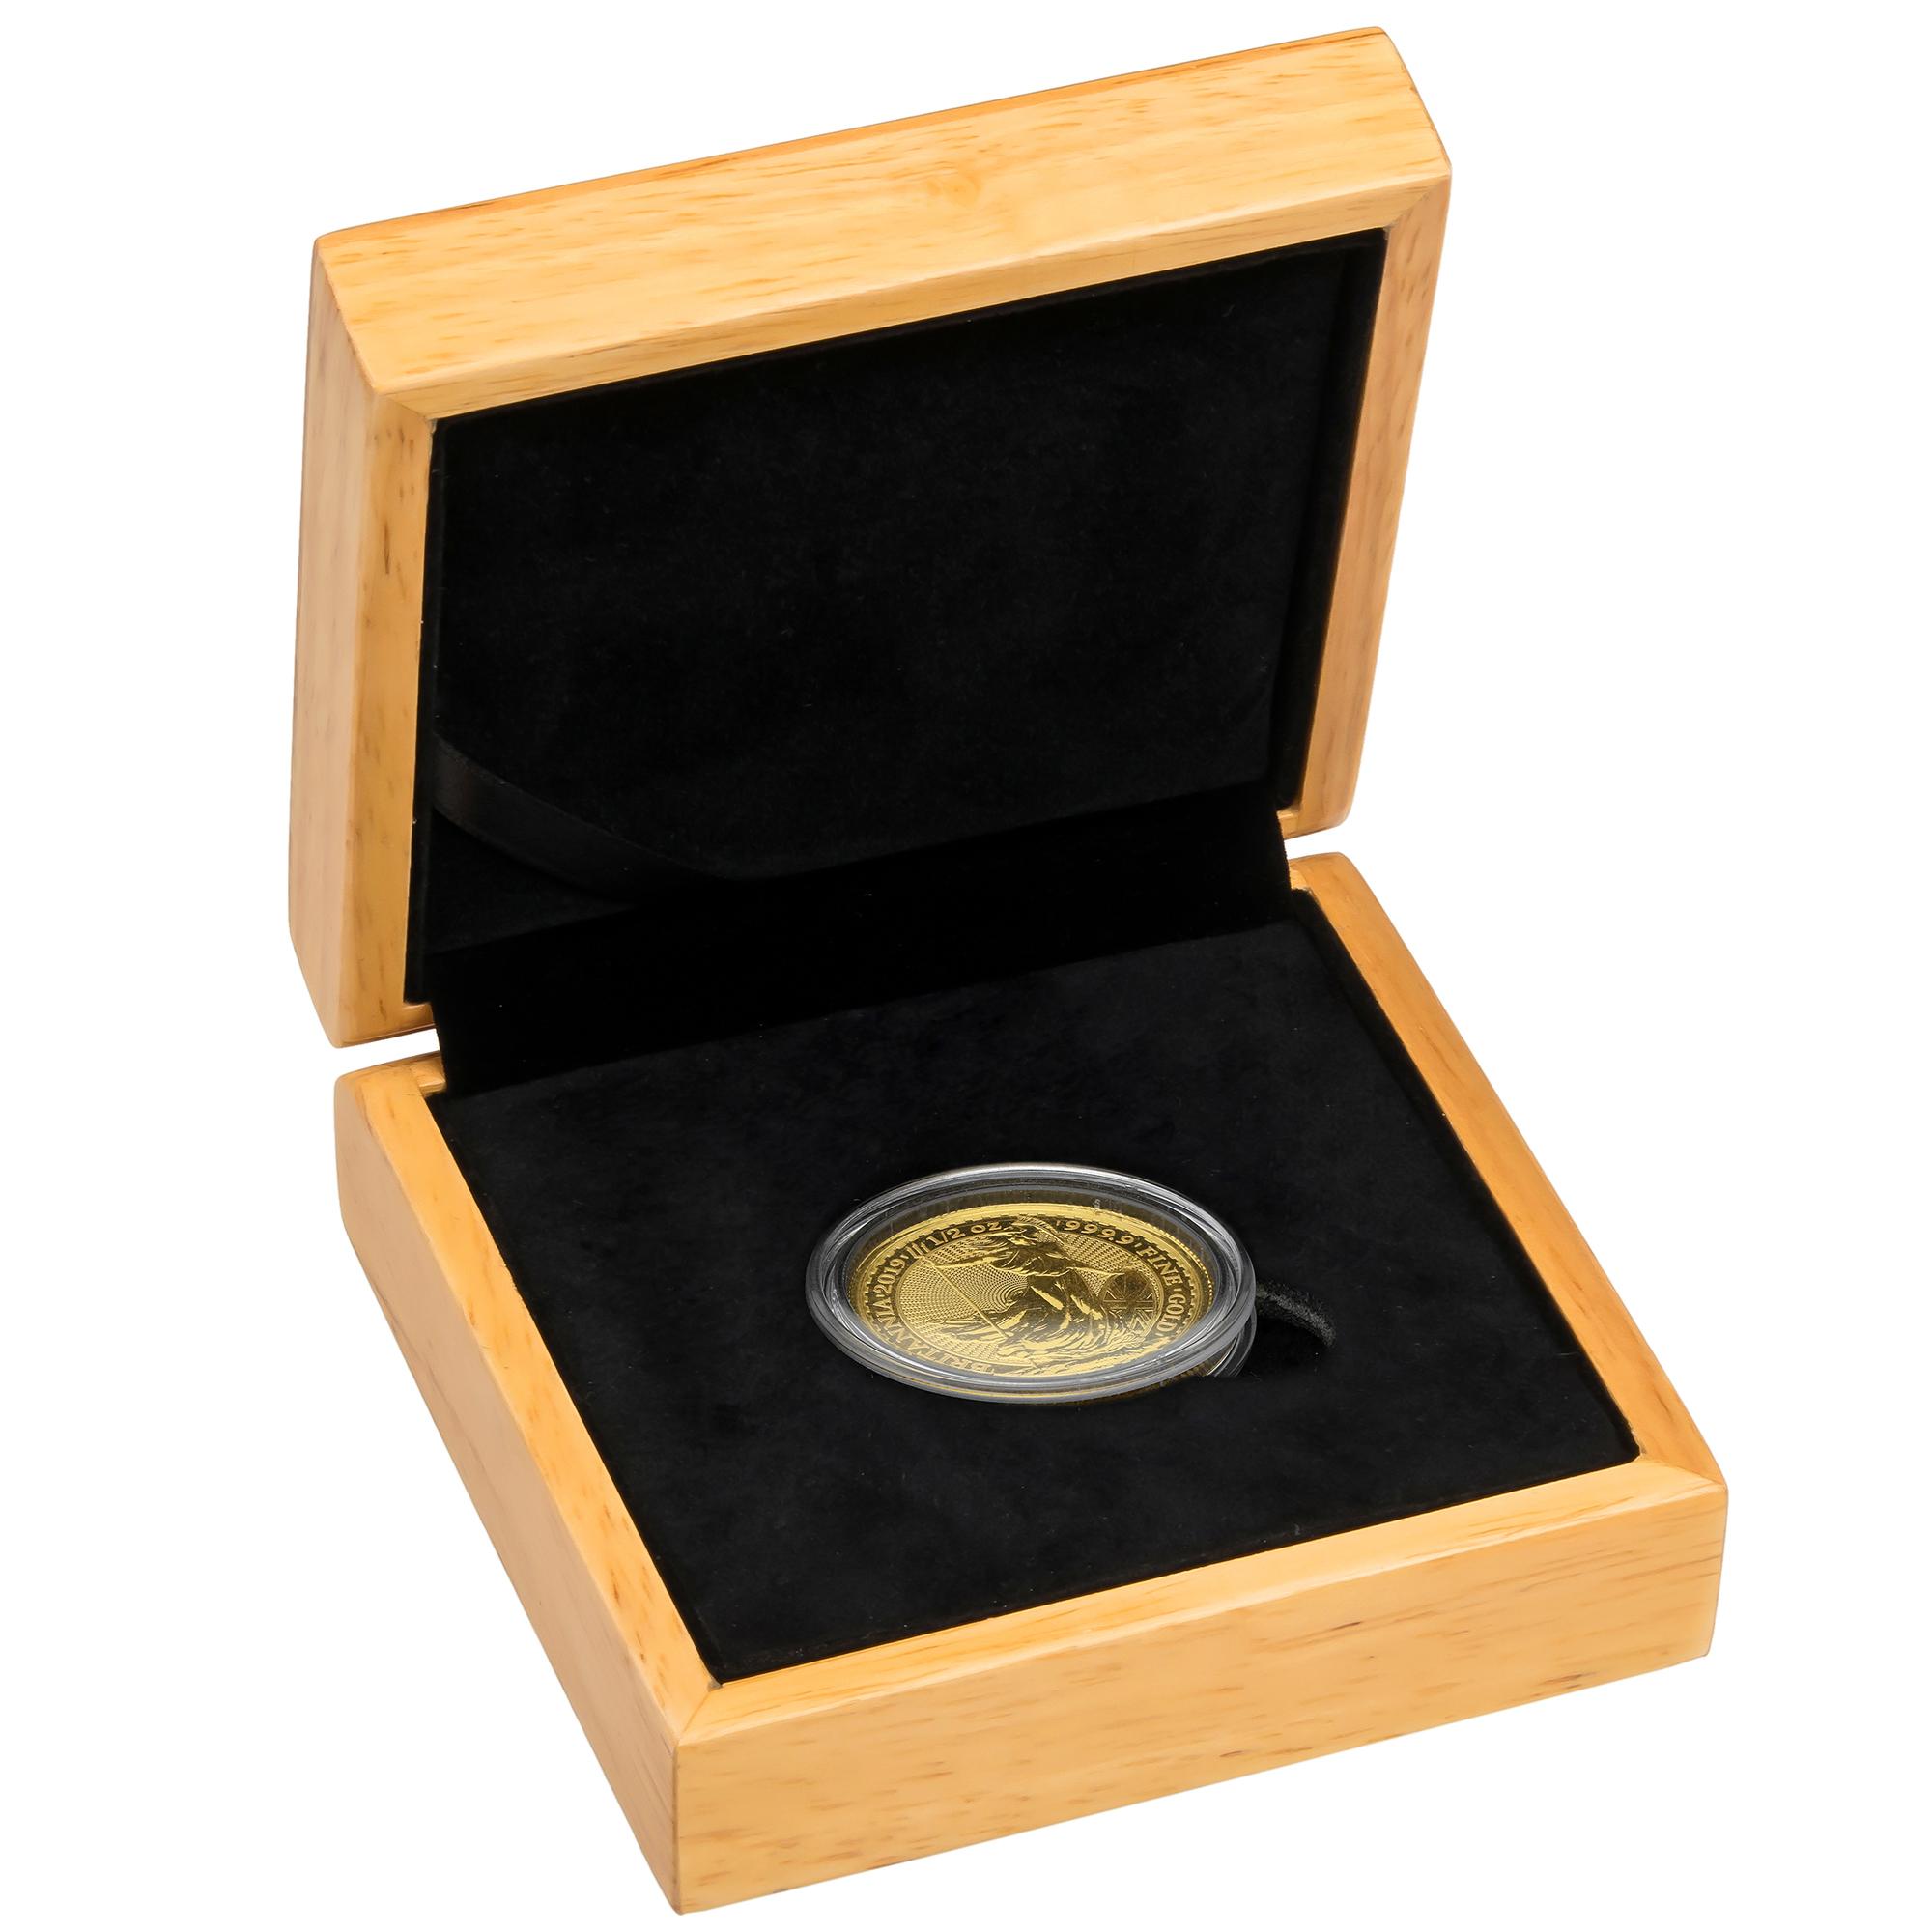 2019 Britannia Half Ounce Gold Coin Gift Boxed